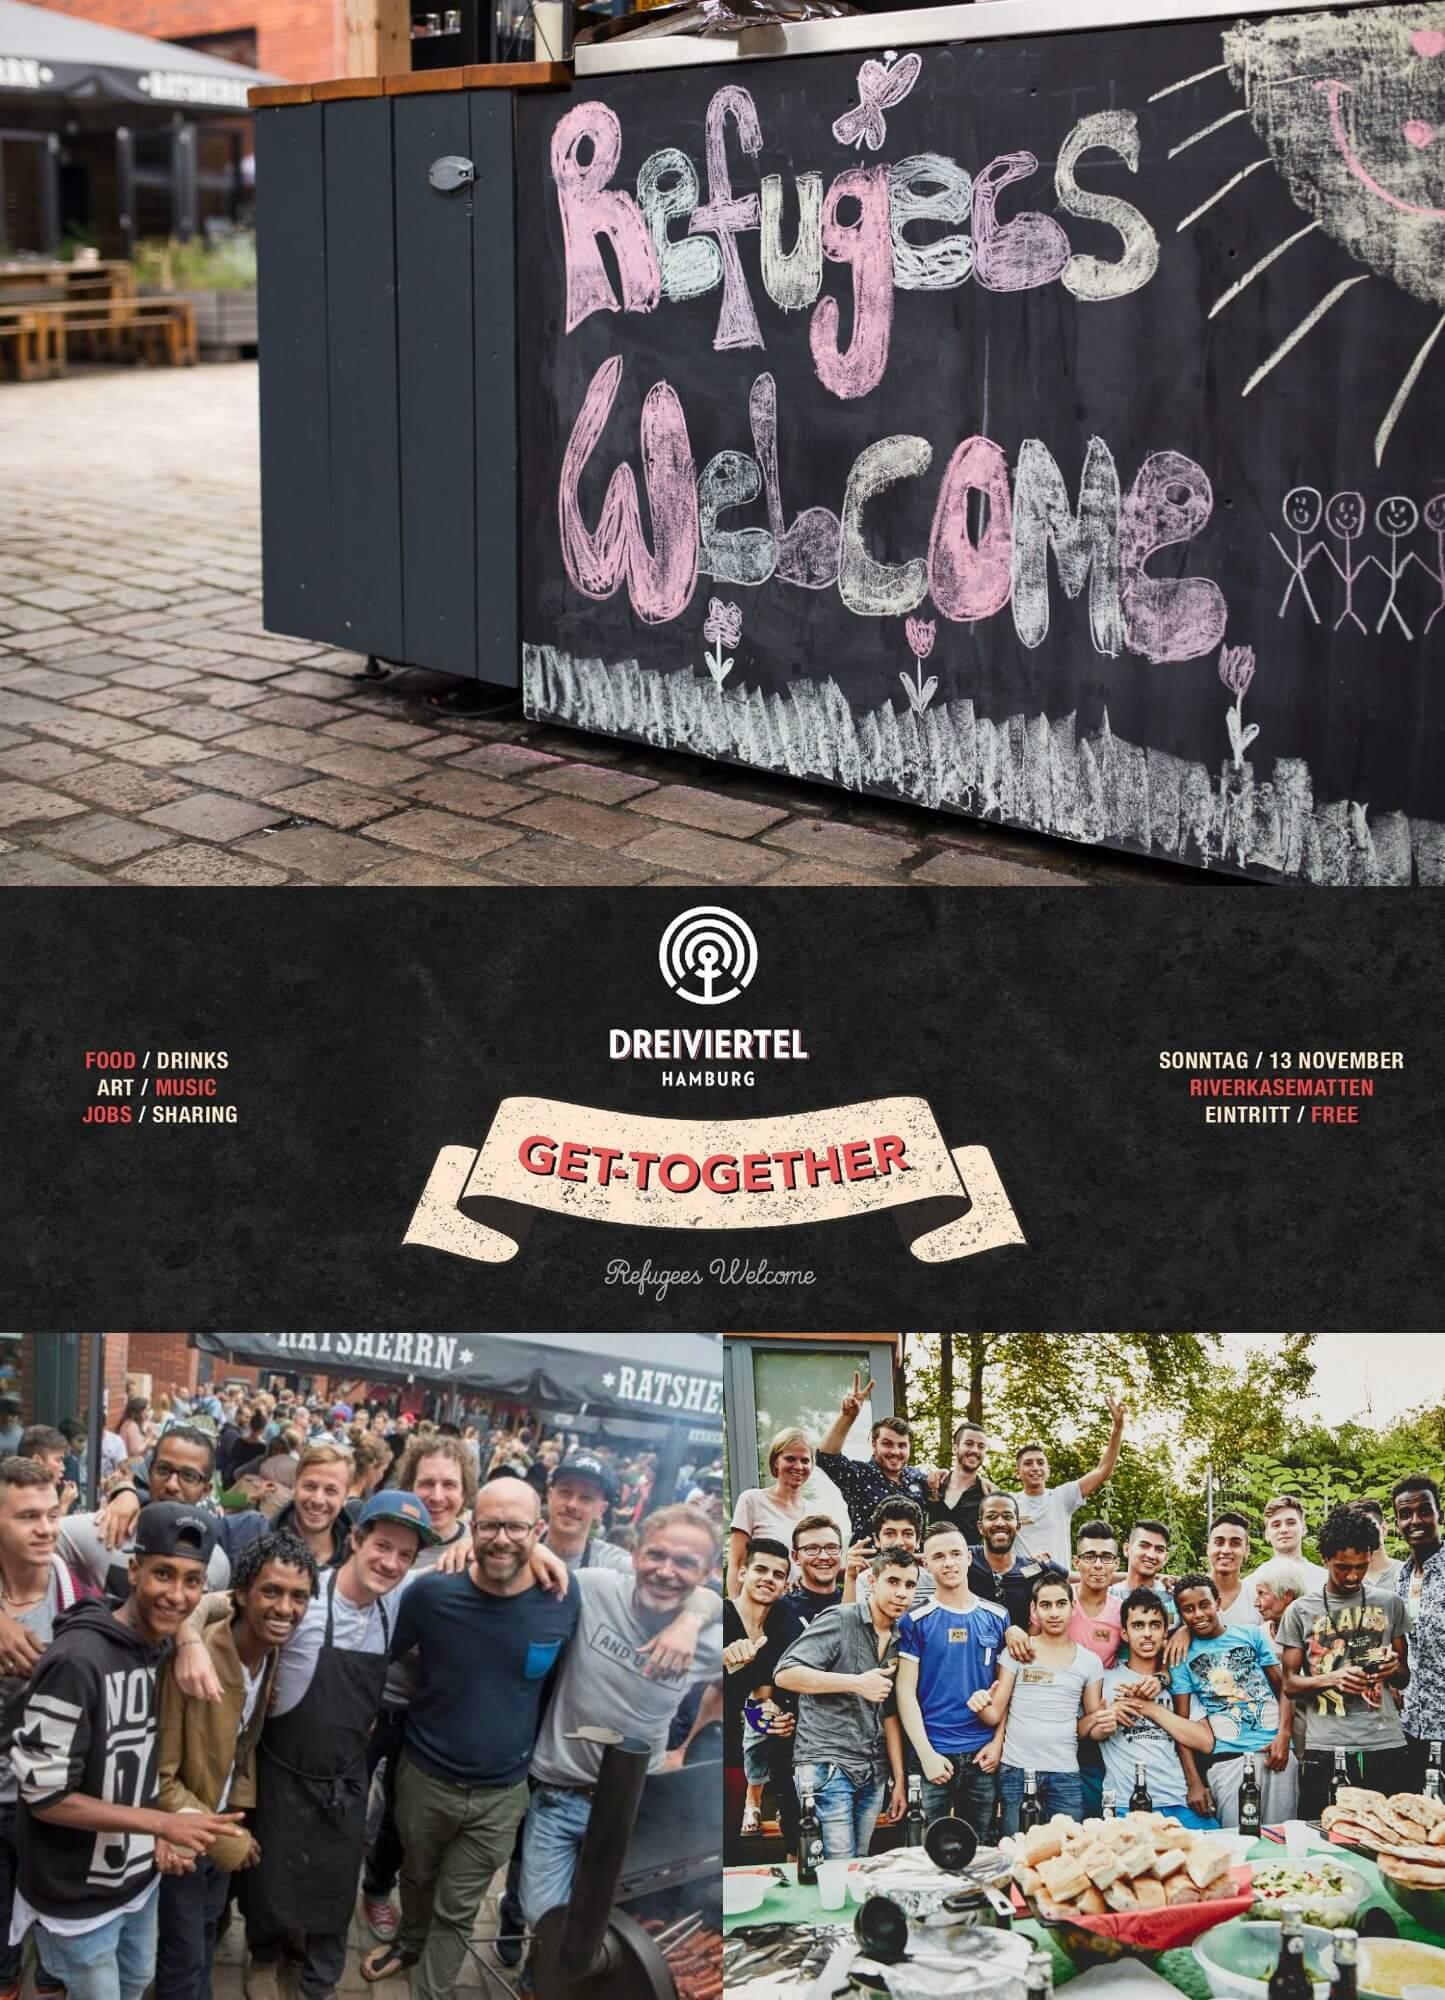 Das Drei-Viertel-Get-Together ist ein echter Allrounder – ein Mix aus toller Kunst, bester Musik & köstlichen Leckereien!